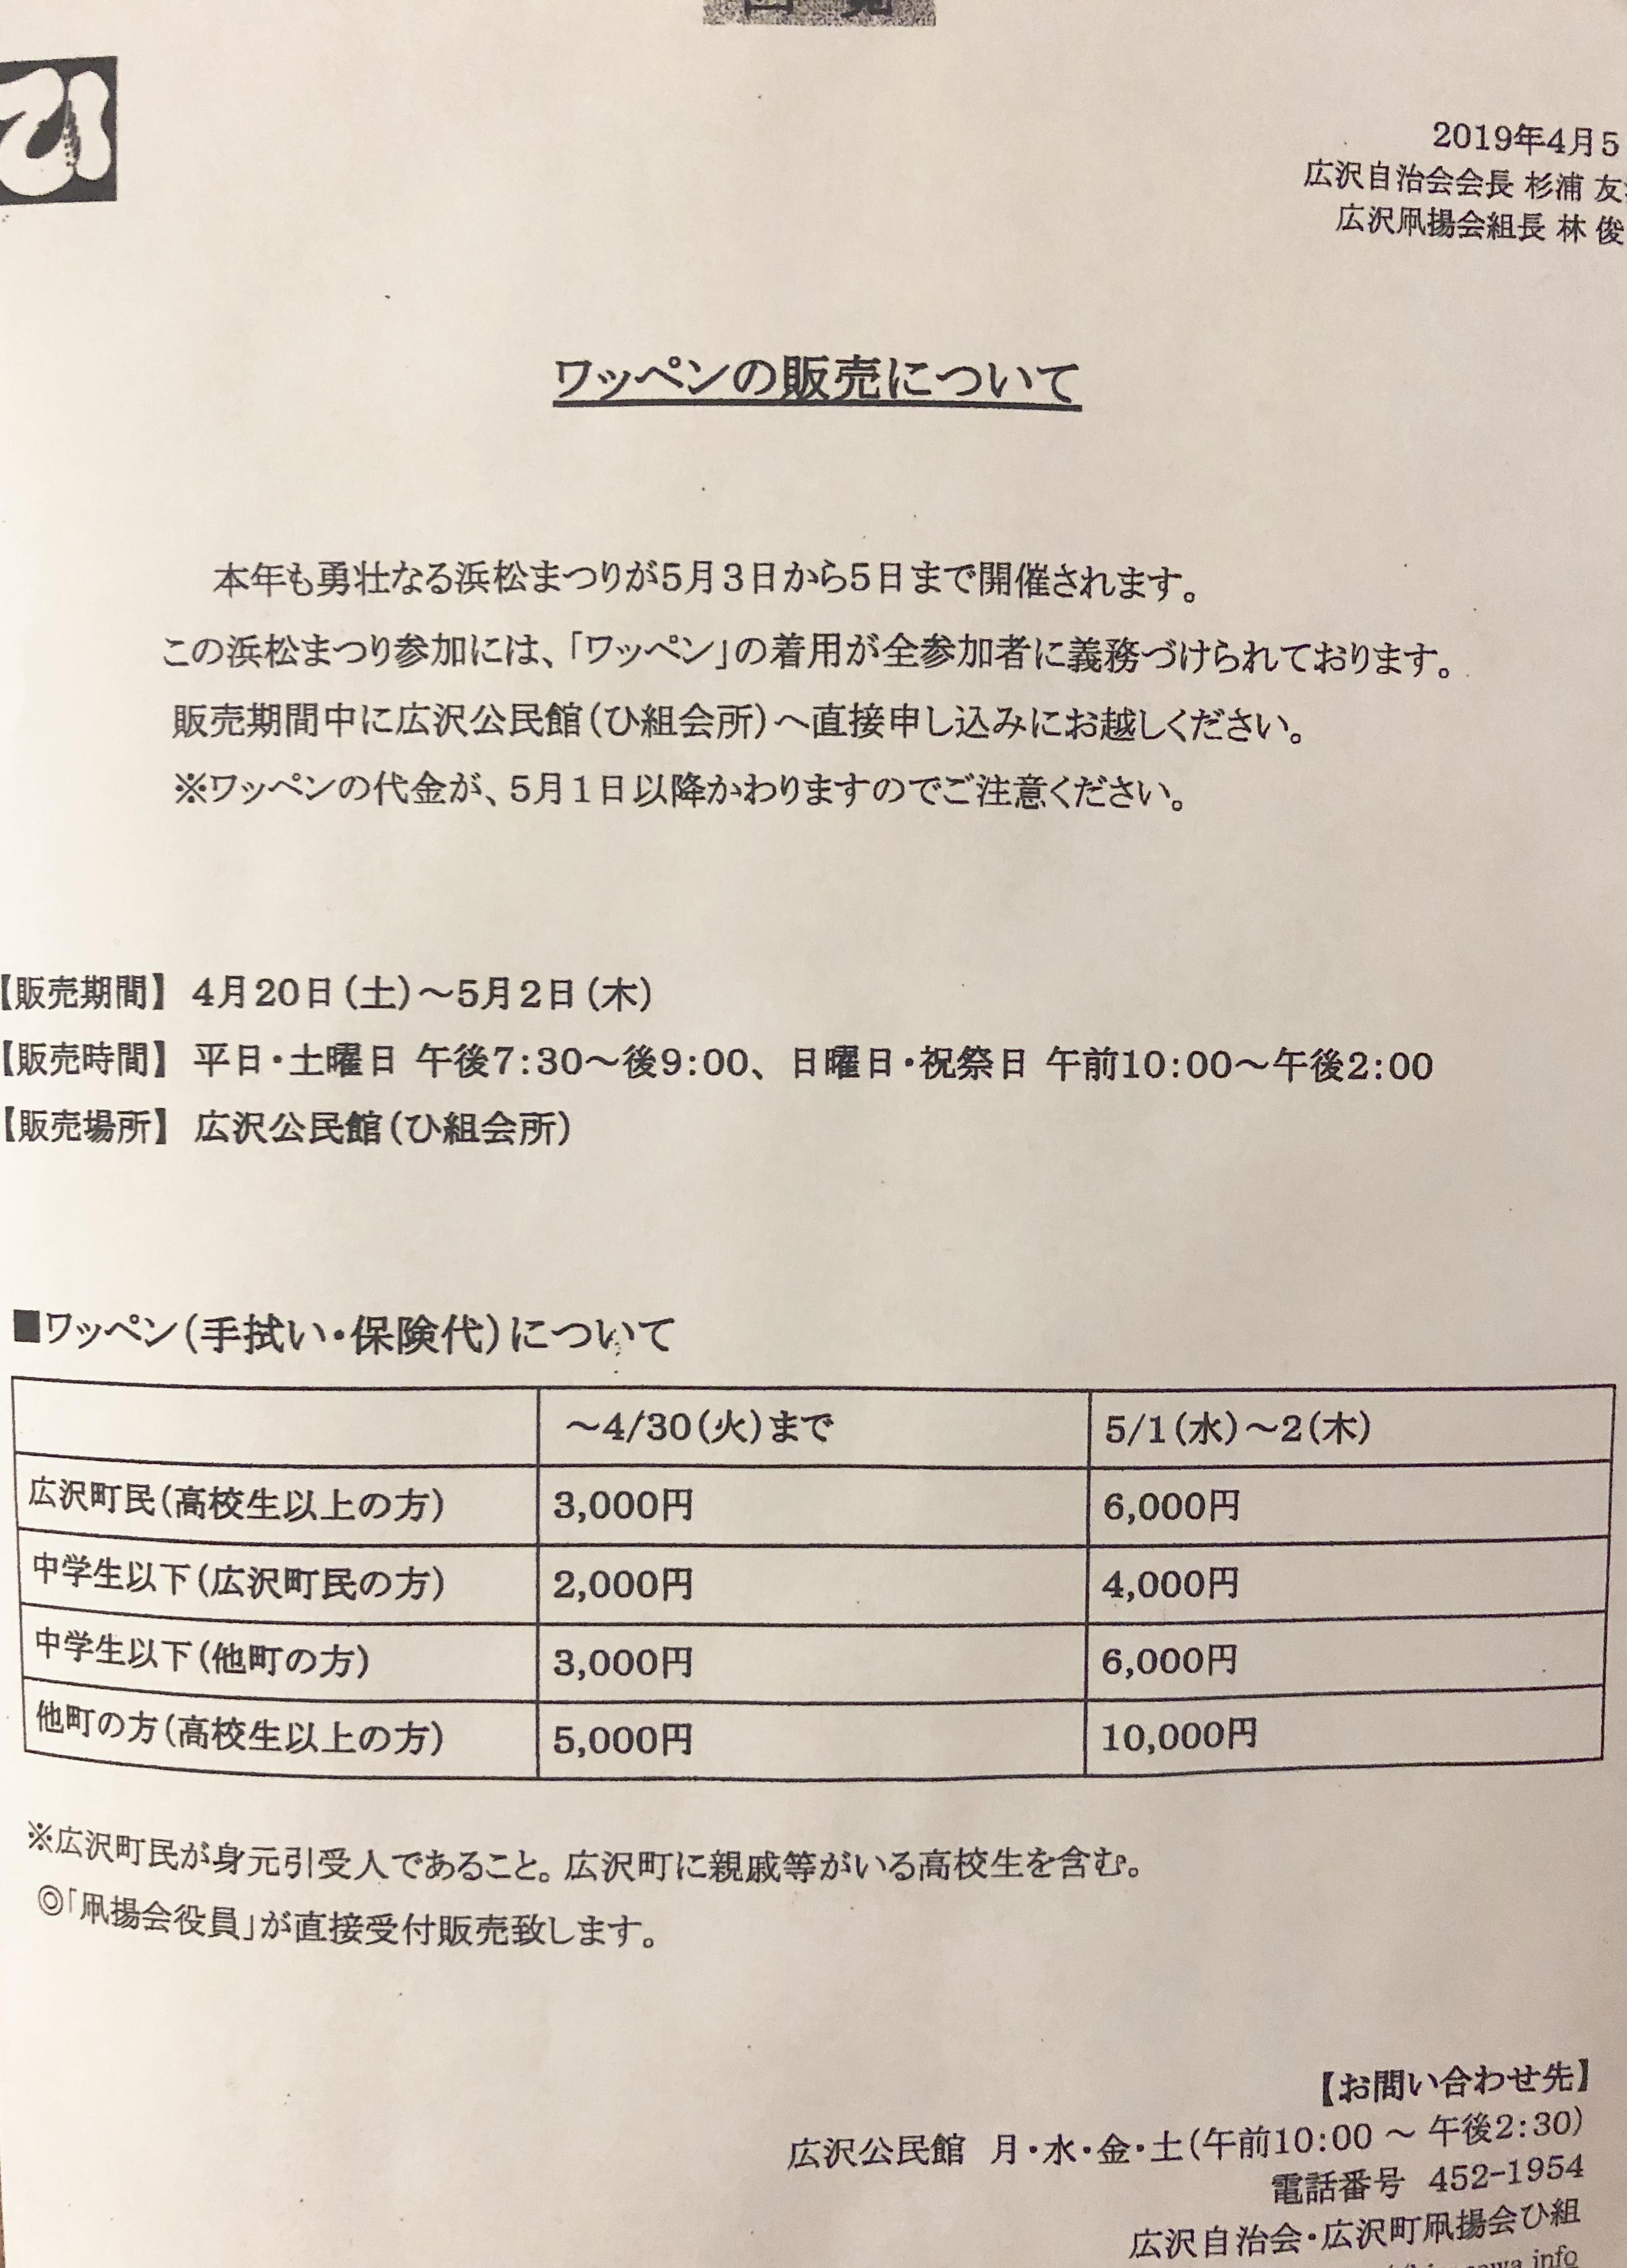 平成31年度 ひ組ワッペン・提灯・法被の販売日程